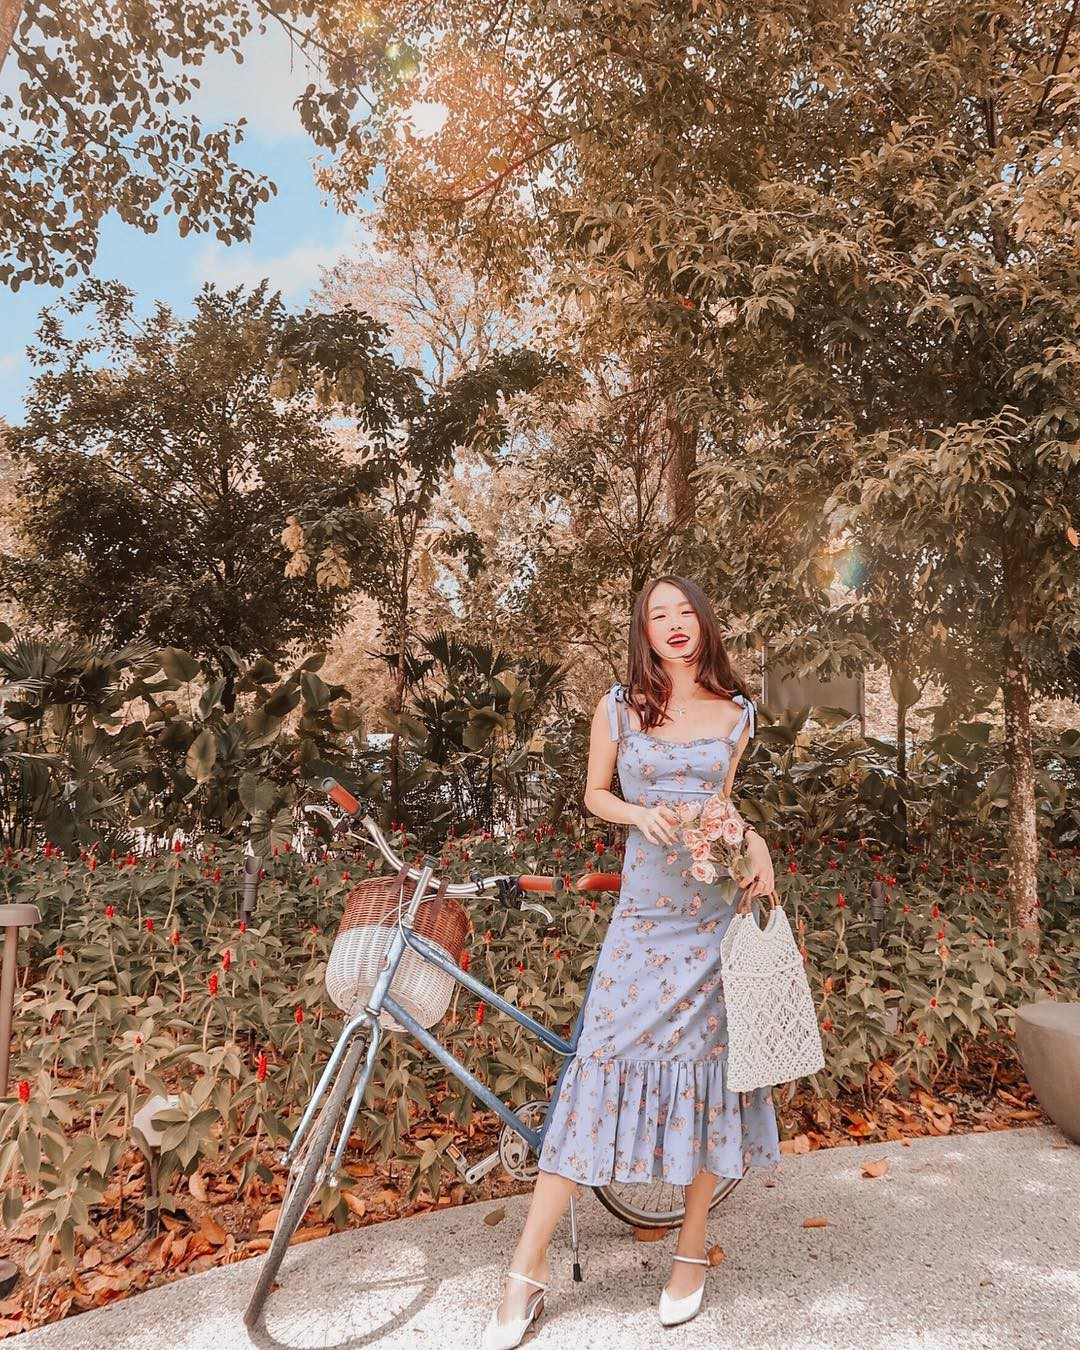 Váy hoa - item phủ sóng dày đặc mỗi mùa hè và 3 kiểu xinh đến nỗi bạn muốn rinh về hết cho tủ đồ-11